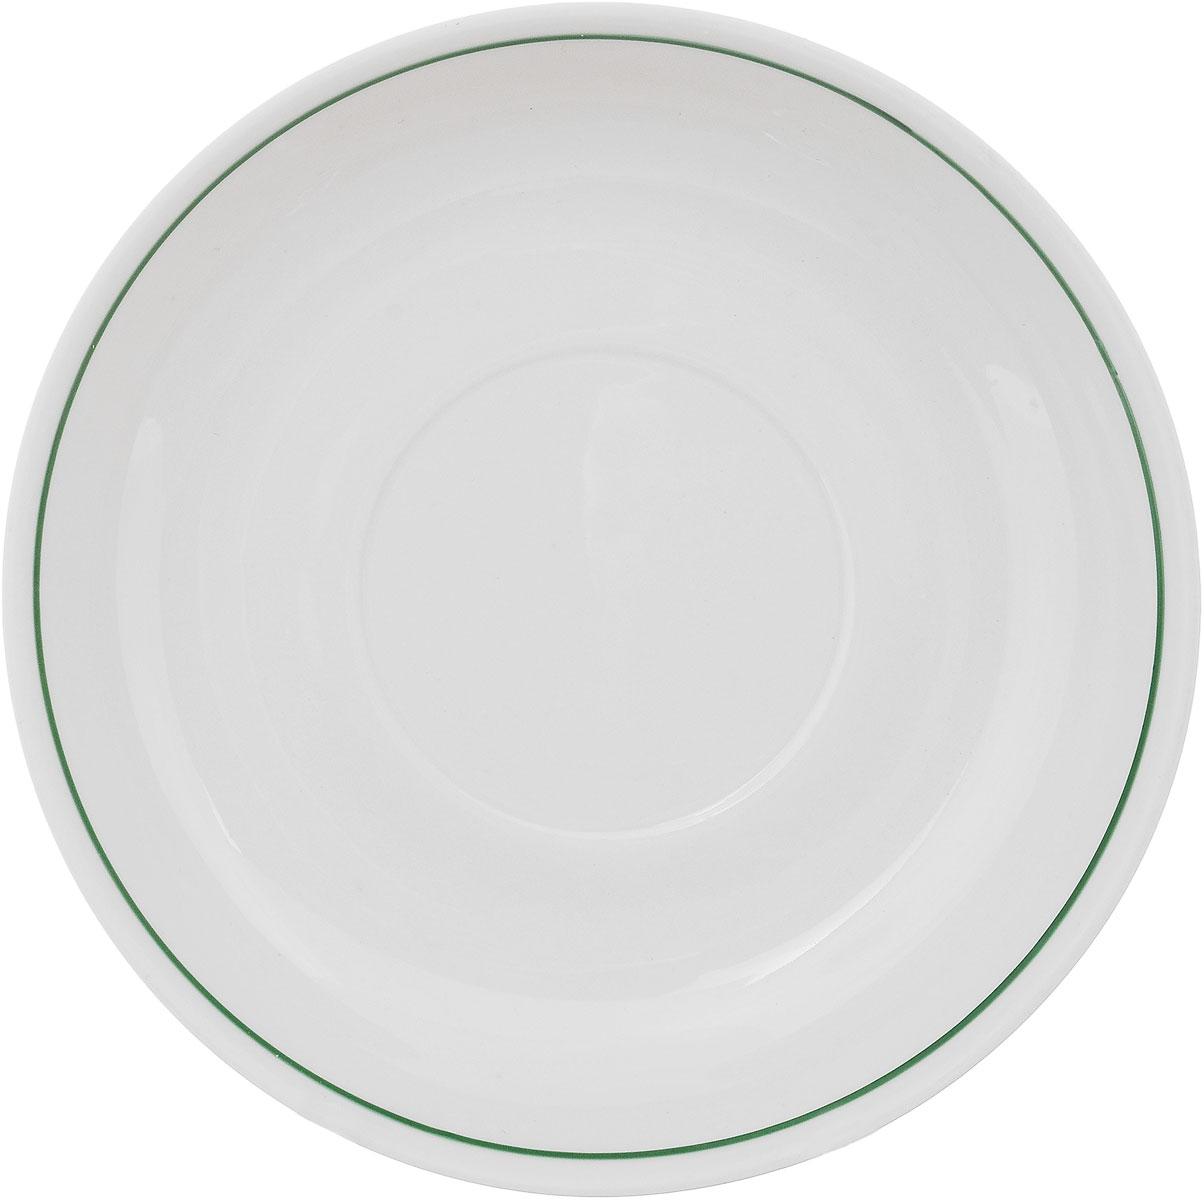 Блюдце Фарфор Вербилок, диаметр 14 см. 558001558001Блюдце Фарфор Вербилок выполнено из высококачественного фарфора. Изделие идеально подойдет для сервировки стола и станет отличным подарком к любому празднику. Диаметр блюдца (по верхнему краю): 14 см. Высота блюдца: 2,5 см.